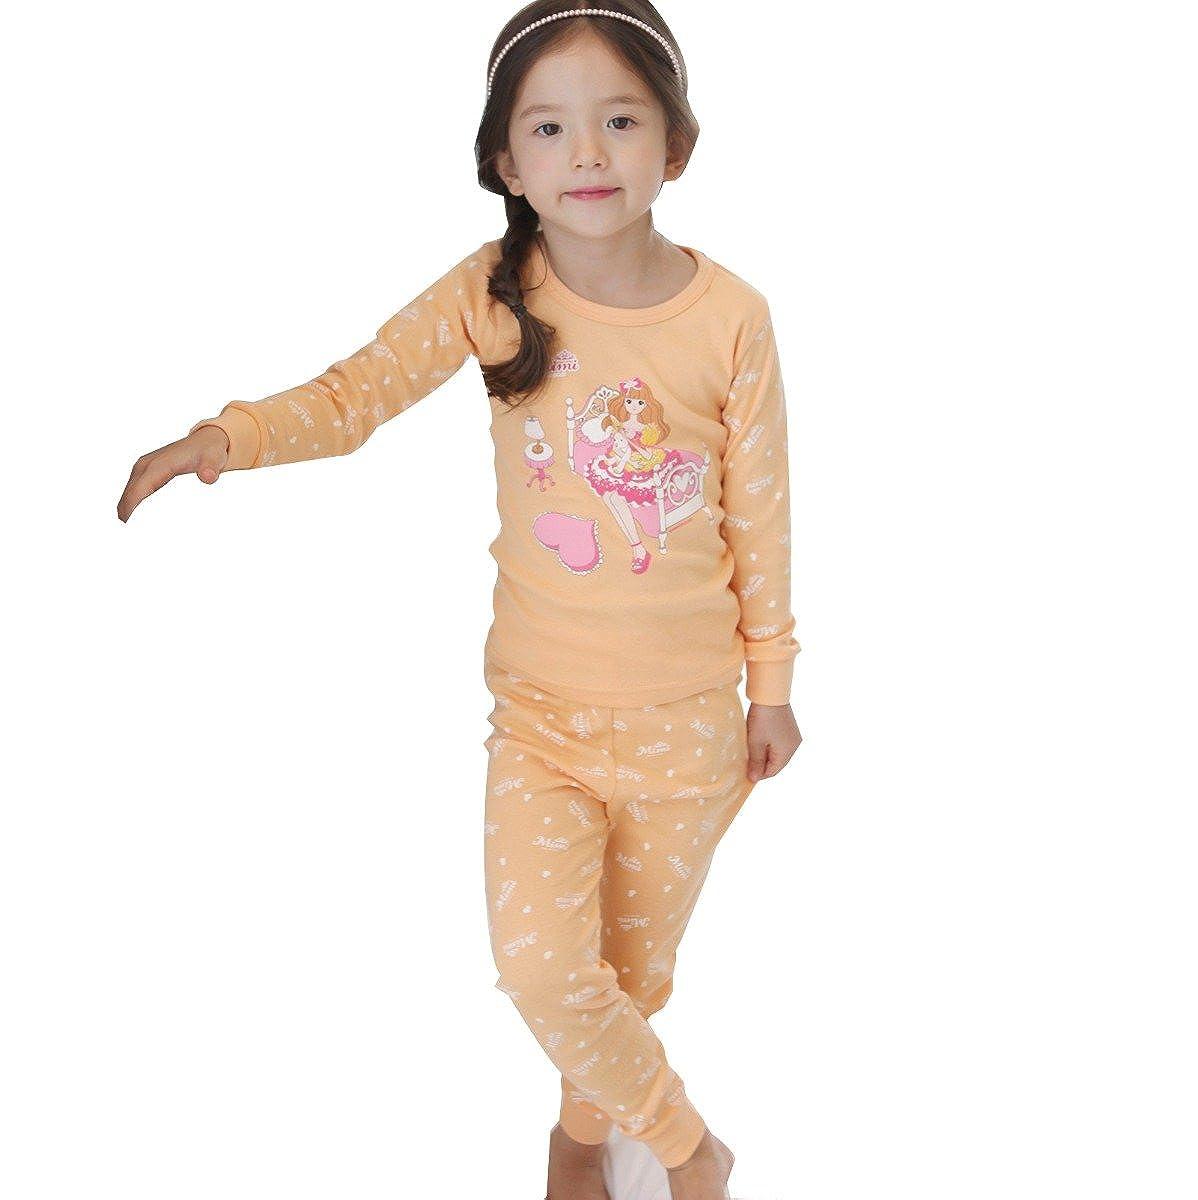 Mimi Toddler Girls Thermal Underwear Sets Pajamas 3-6 Year MyRoom Pattern